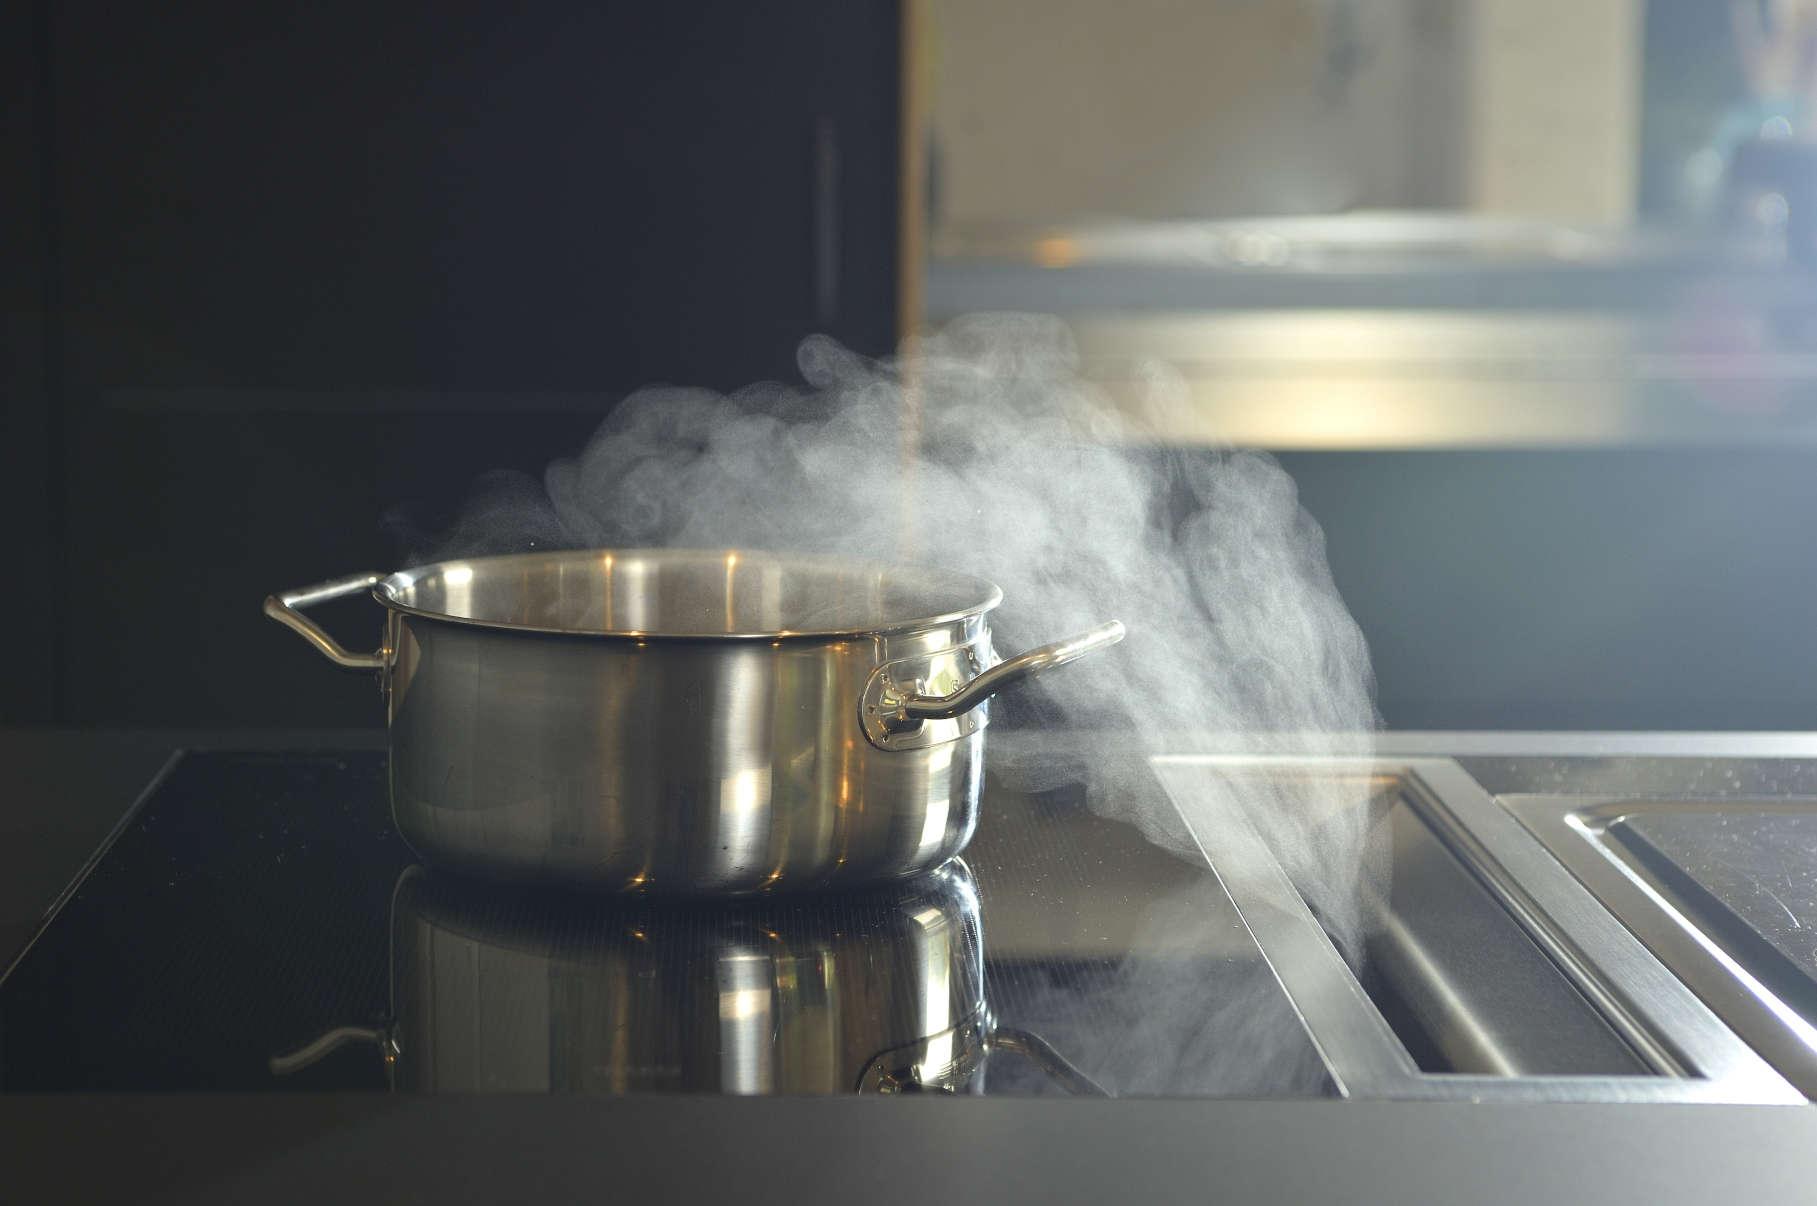 Küche matt schwarz mit eingelassenem Kochfeld und in die Arbeitsplatte integriertem Dunstabzug